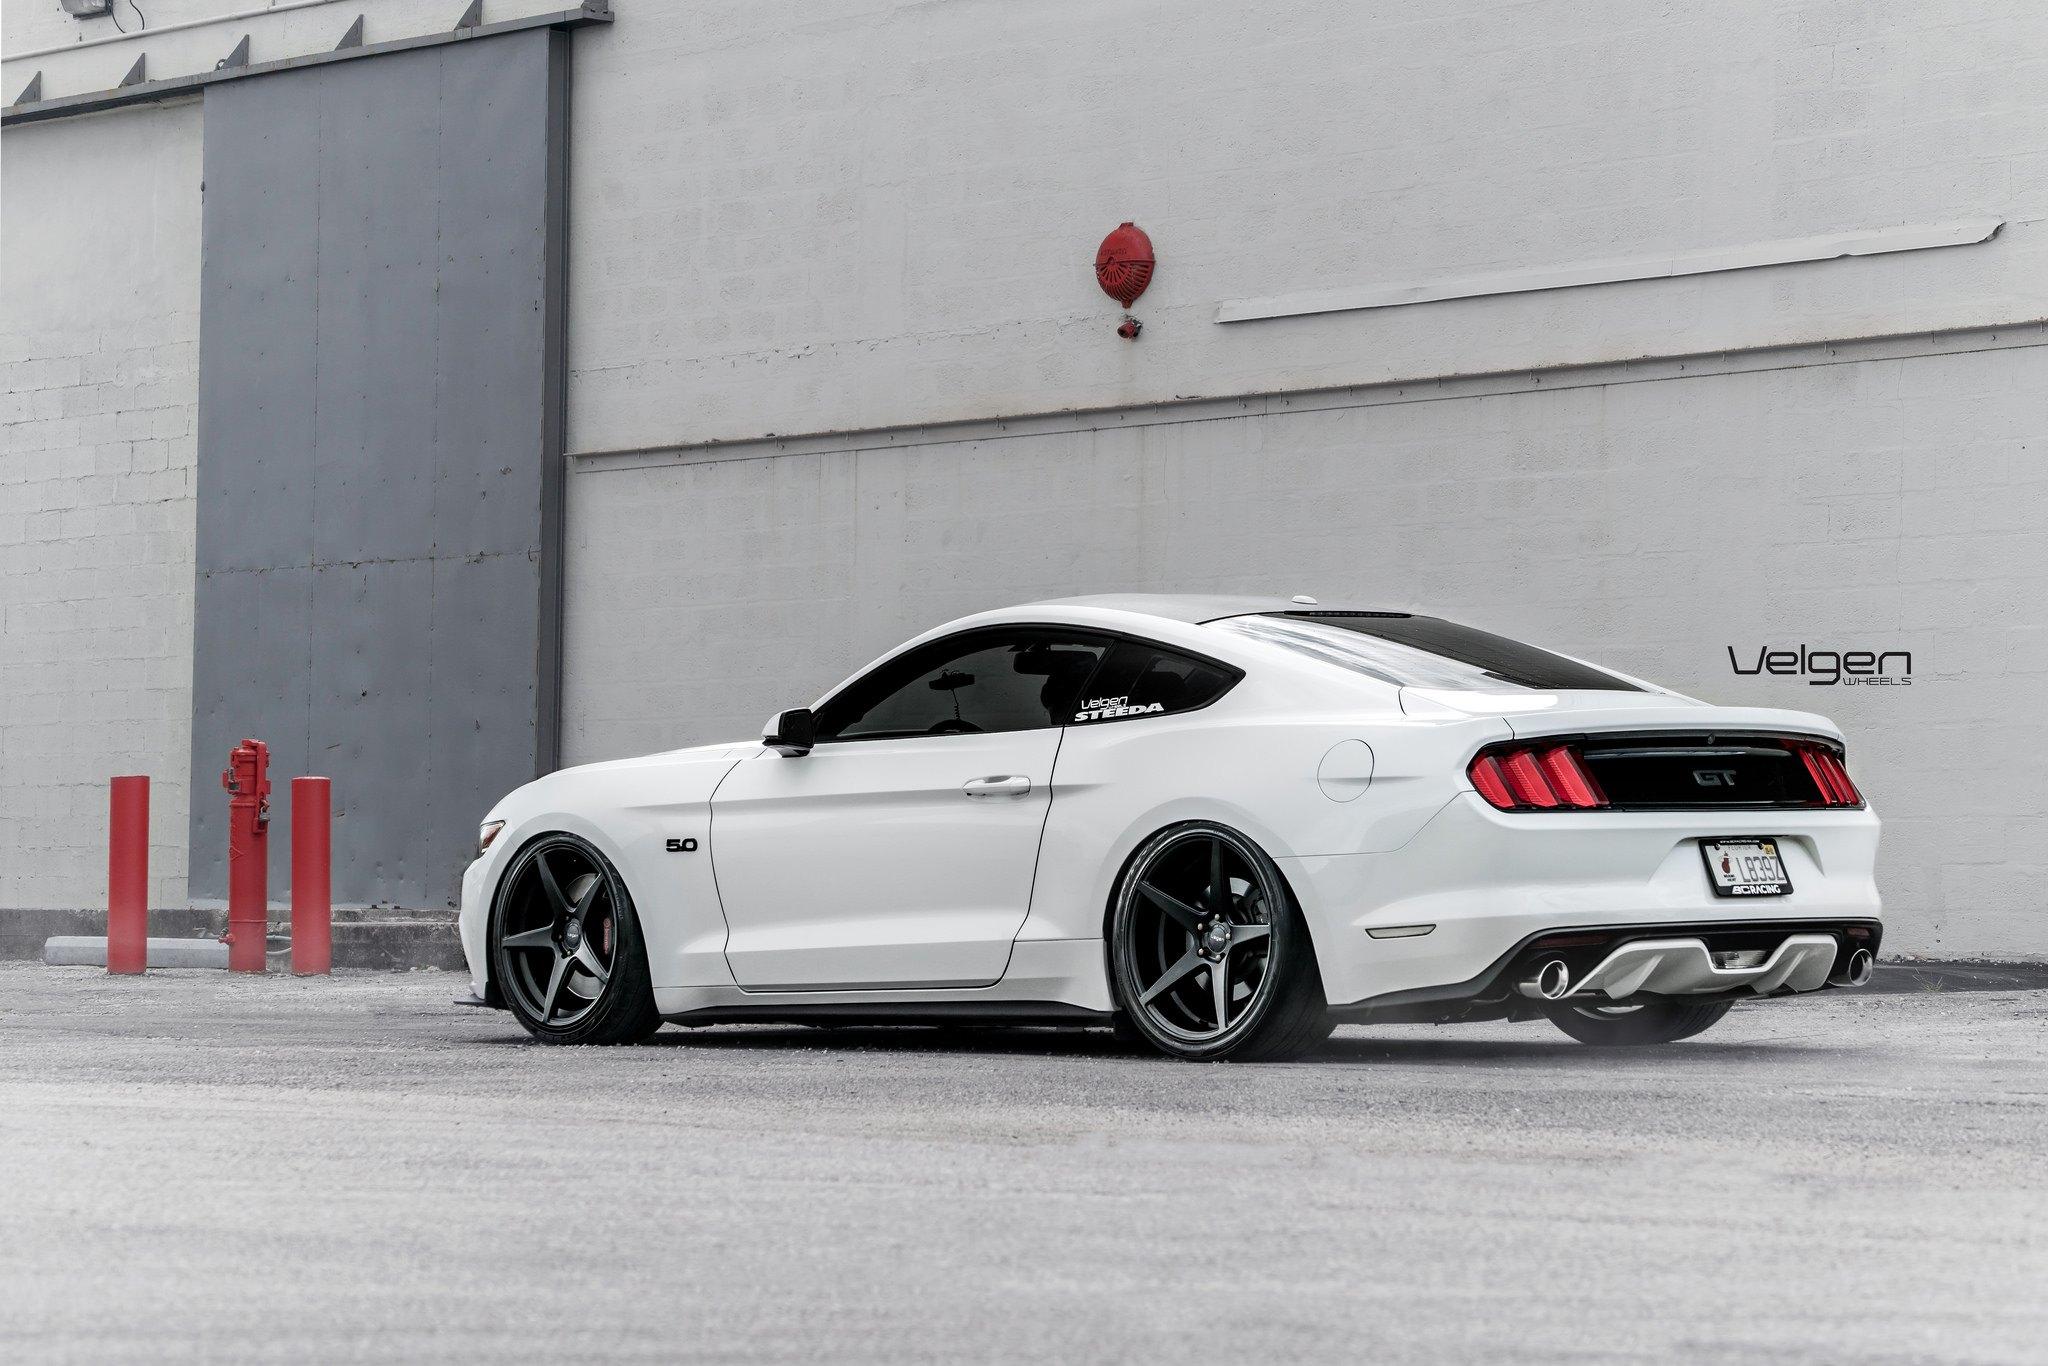 Mustang Gt On 20 Black Velgen Classic5 Rims Carid Com Gallery